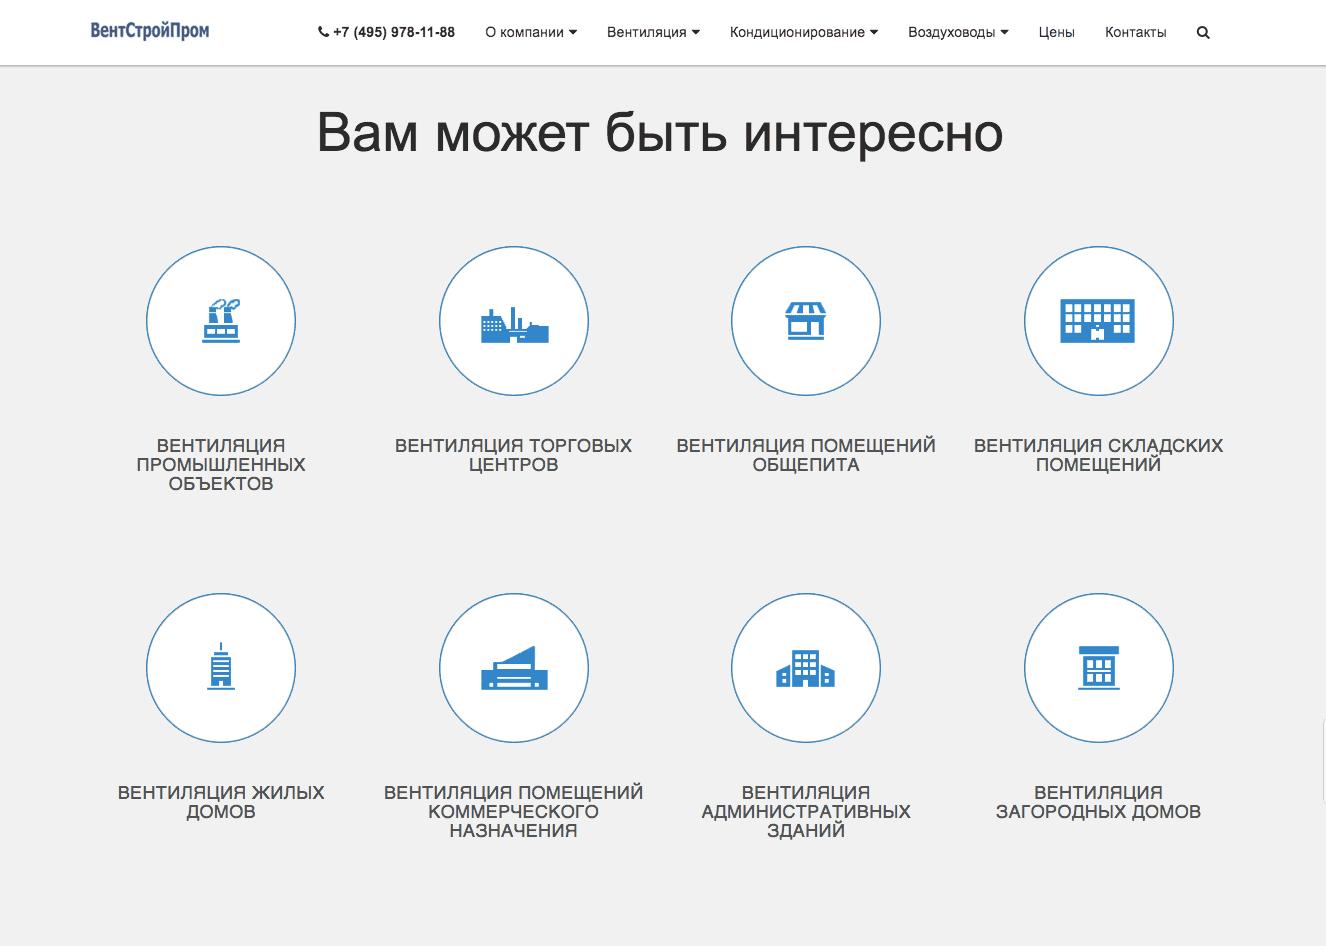 Корпоративный сайт компании ВентСтройПром - услуги по вентиляции и кондиционированию